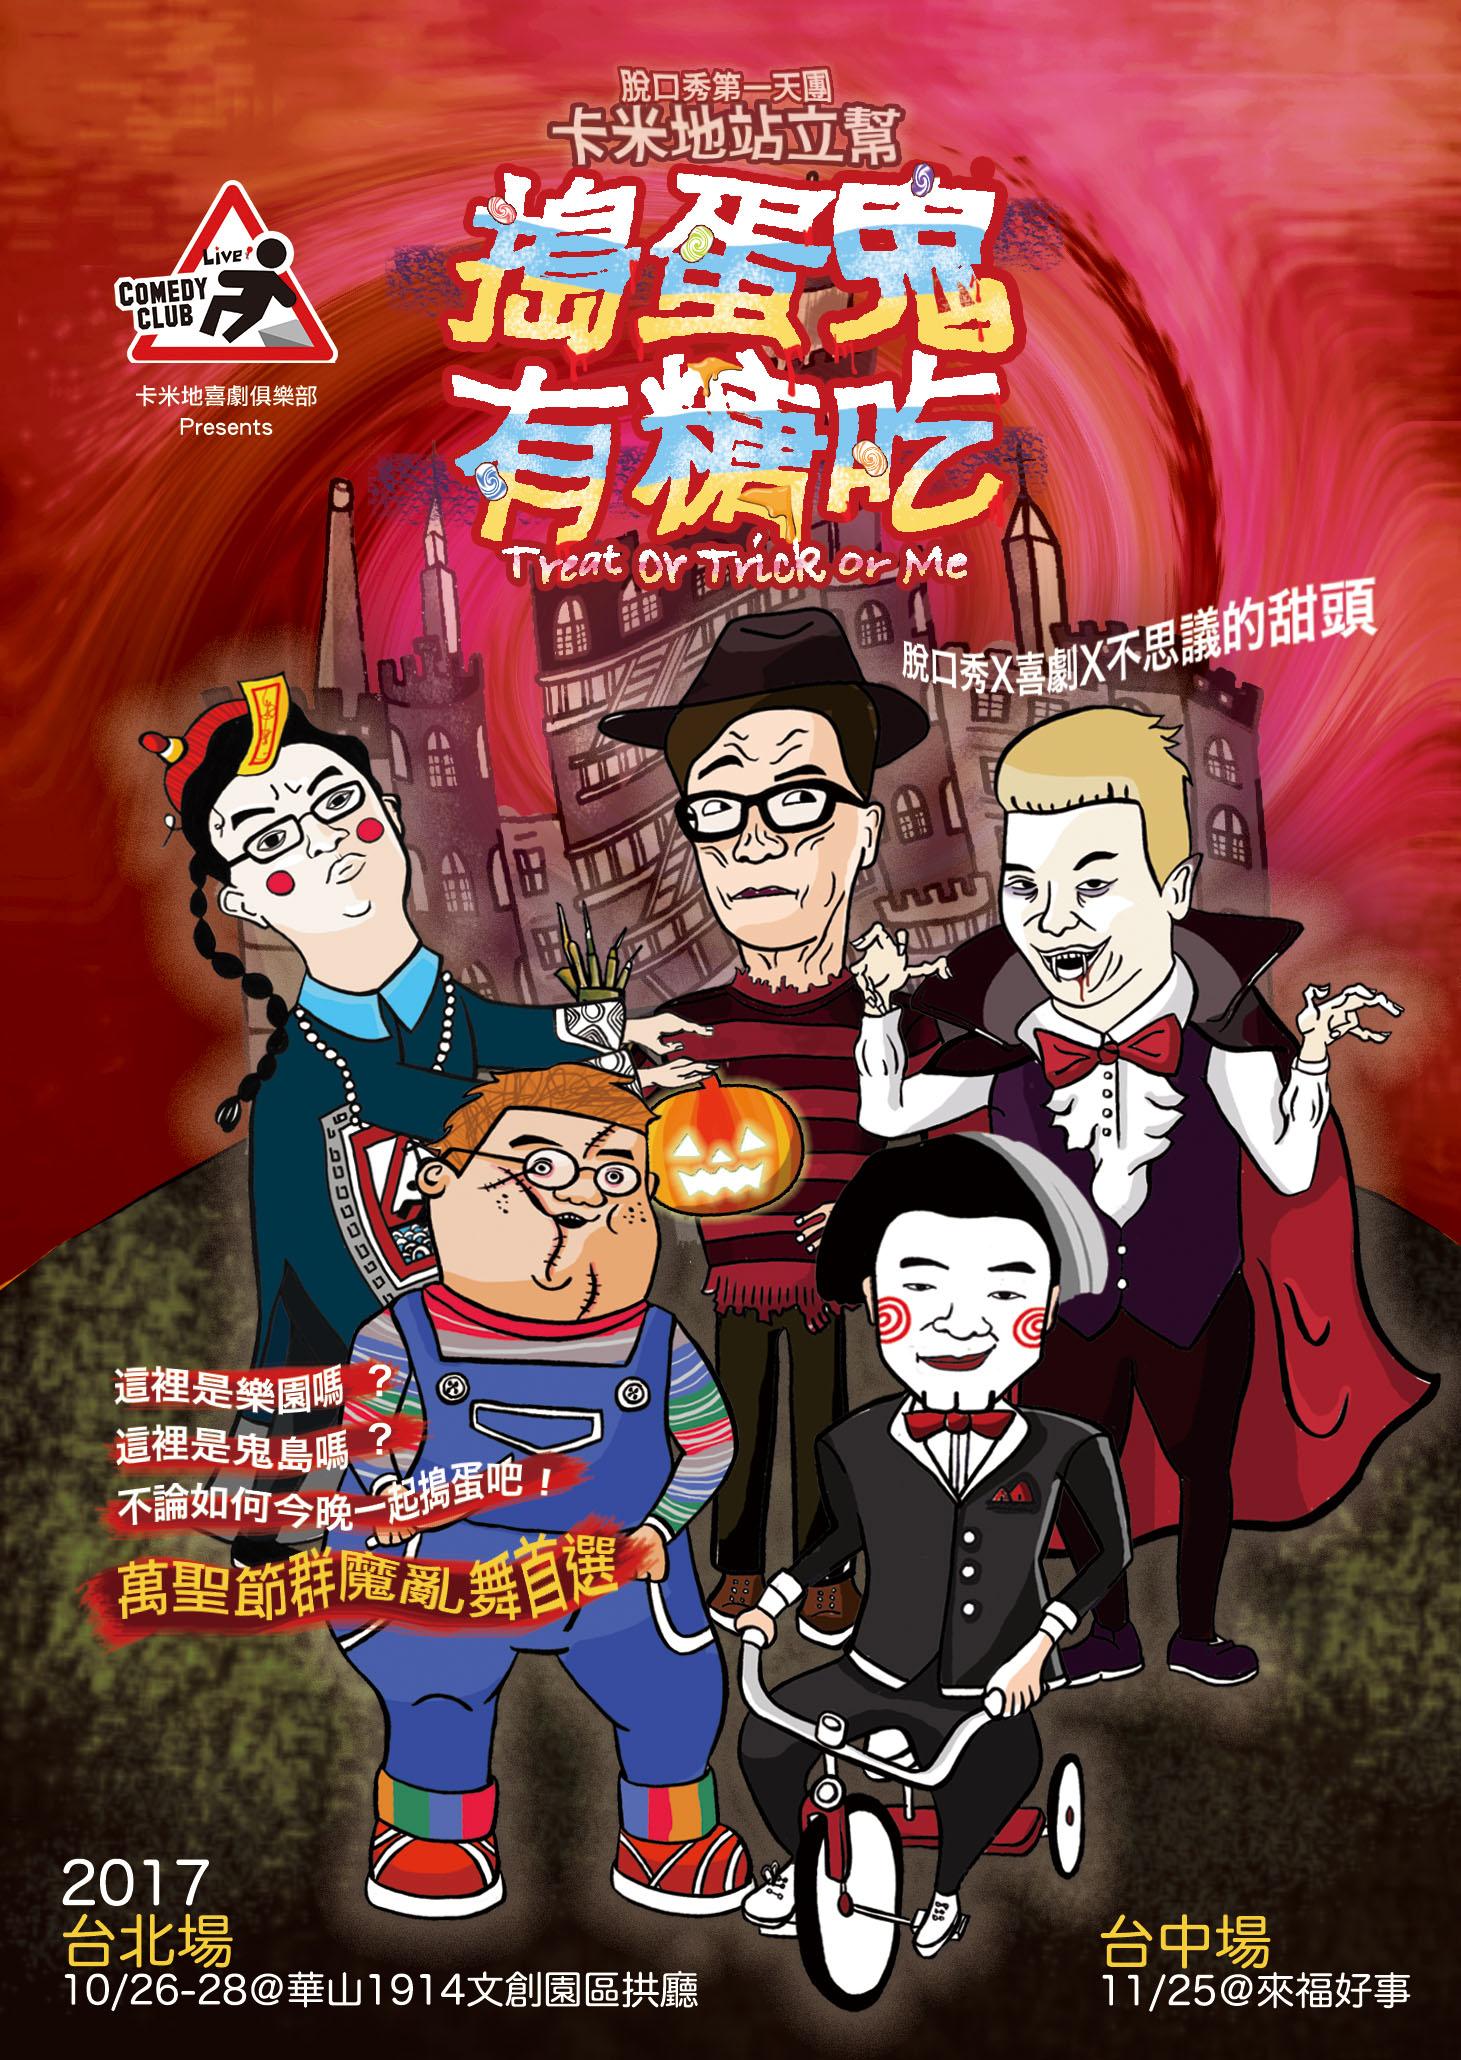 11/25 卡米地站立幫:搗蛋鬼有糖吃@台中.來福好事